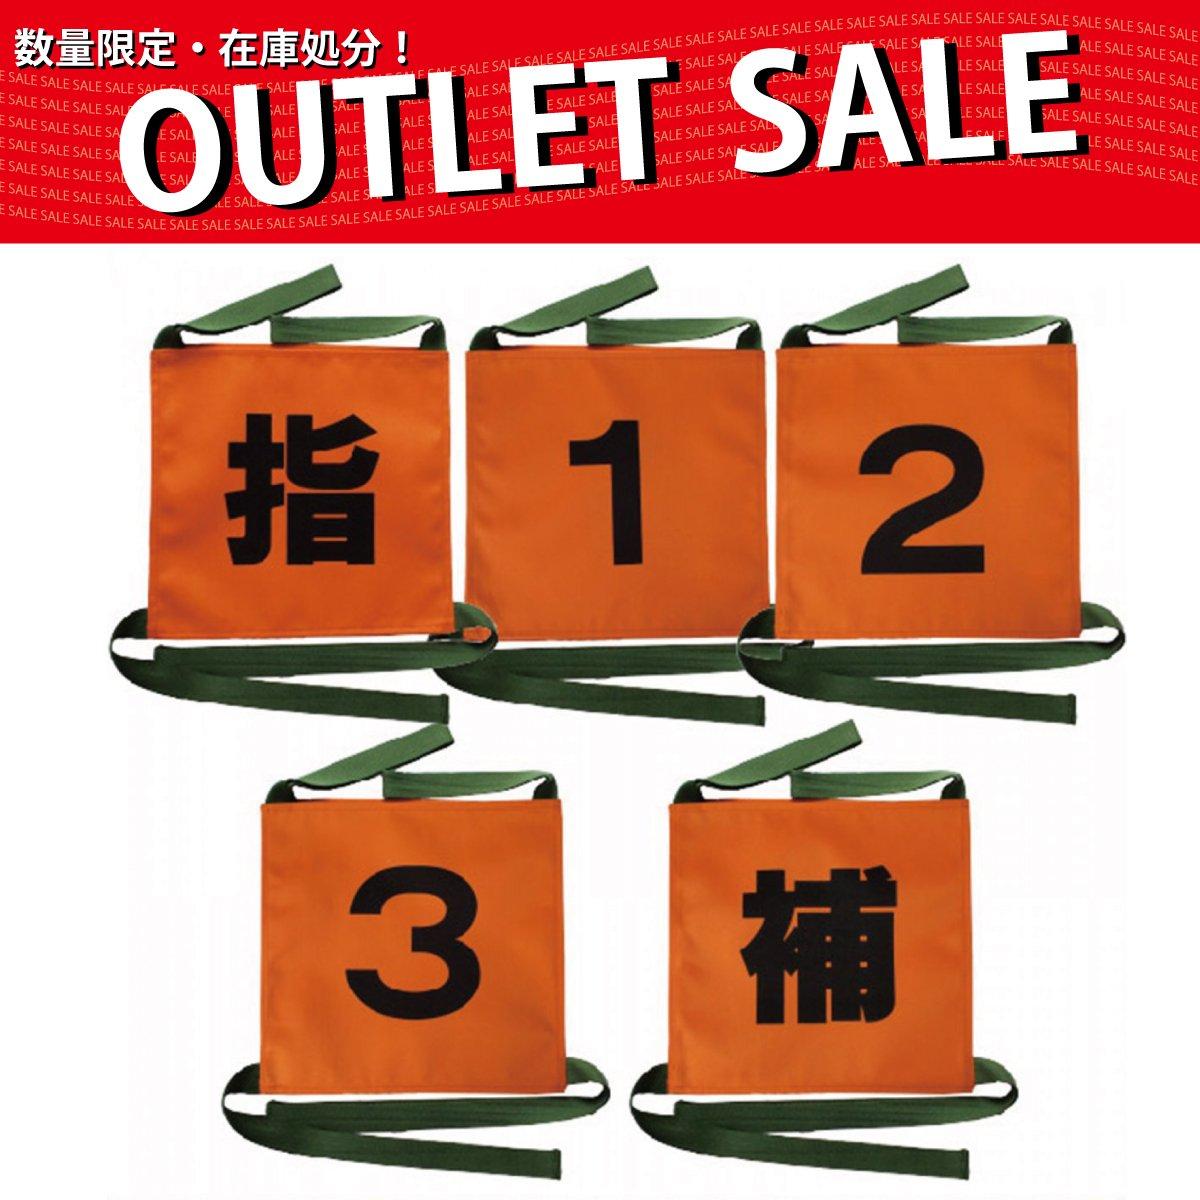 操法用ゼッケン 5枚セット【指・1・2・3・補】オレンジ (ポンプ車/小型ポンプ)